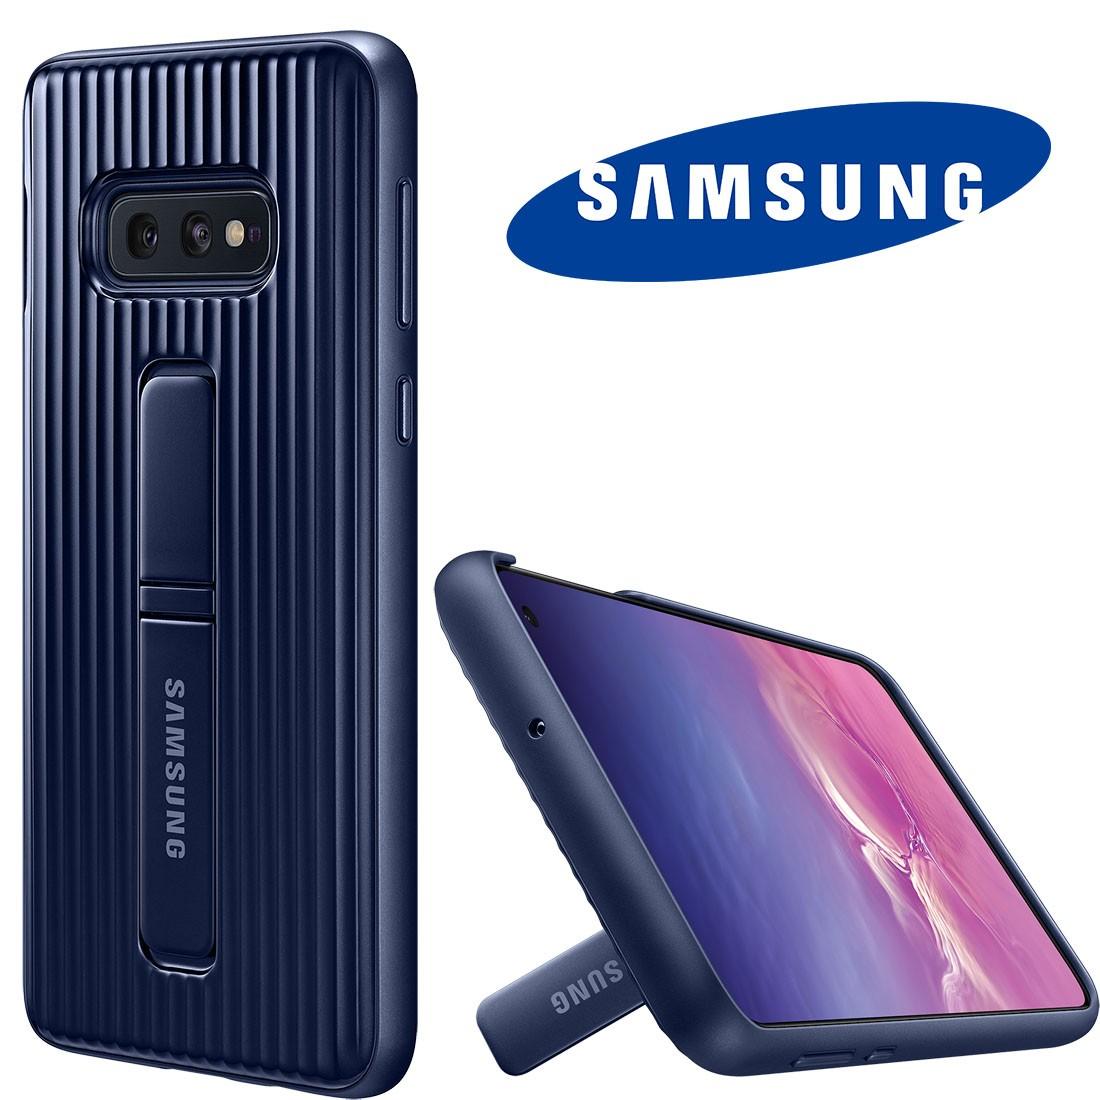 Capa Militar Original Samsung Protective Standing Galaxy S10e SM-G970 5.8 pol